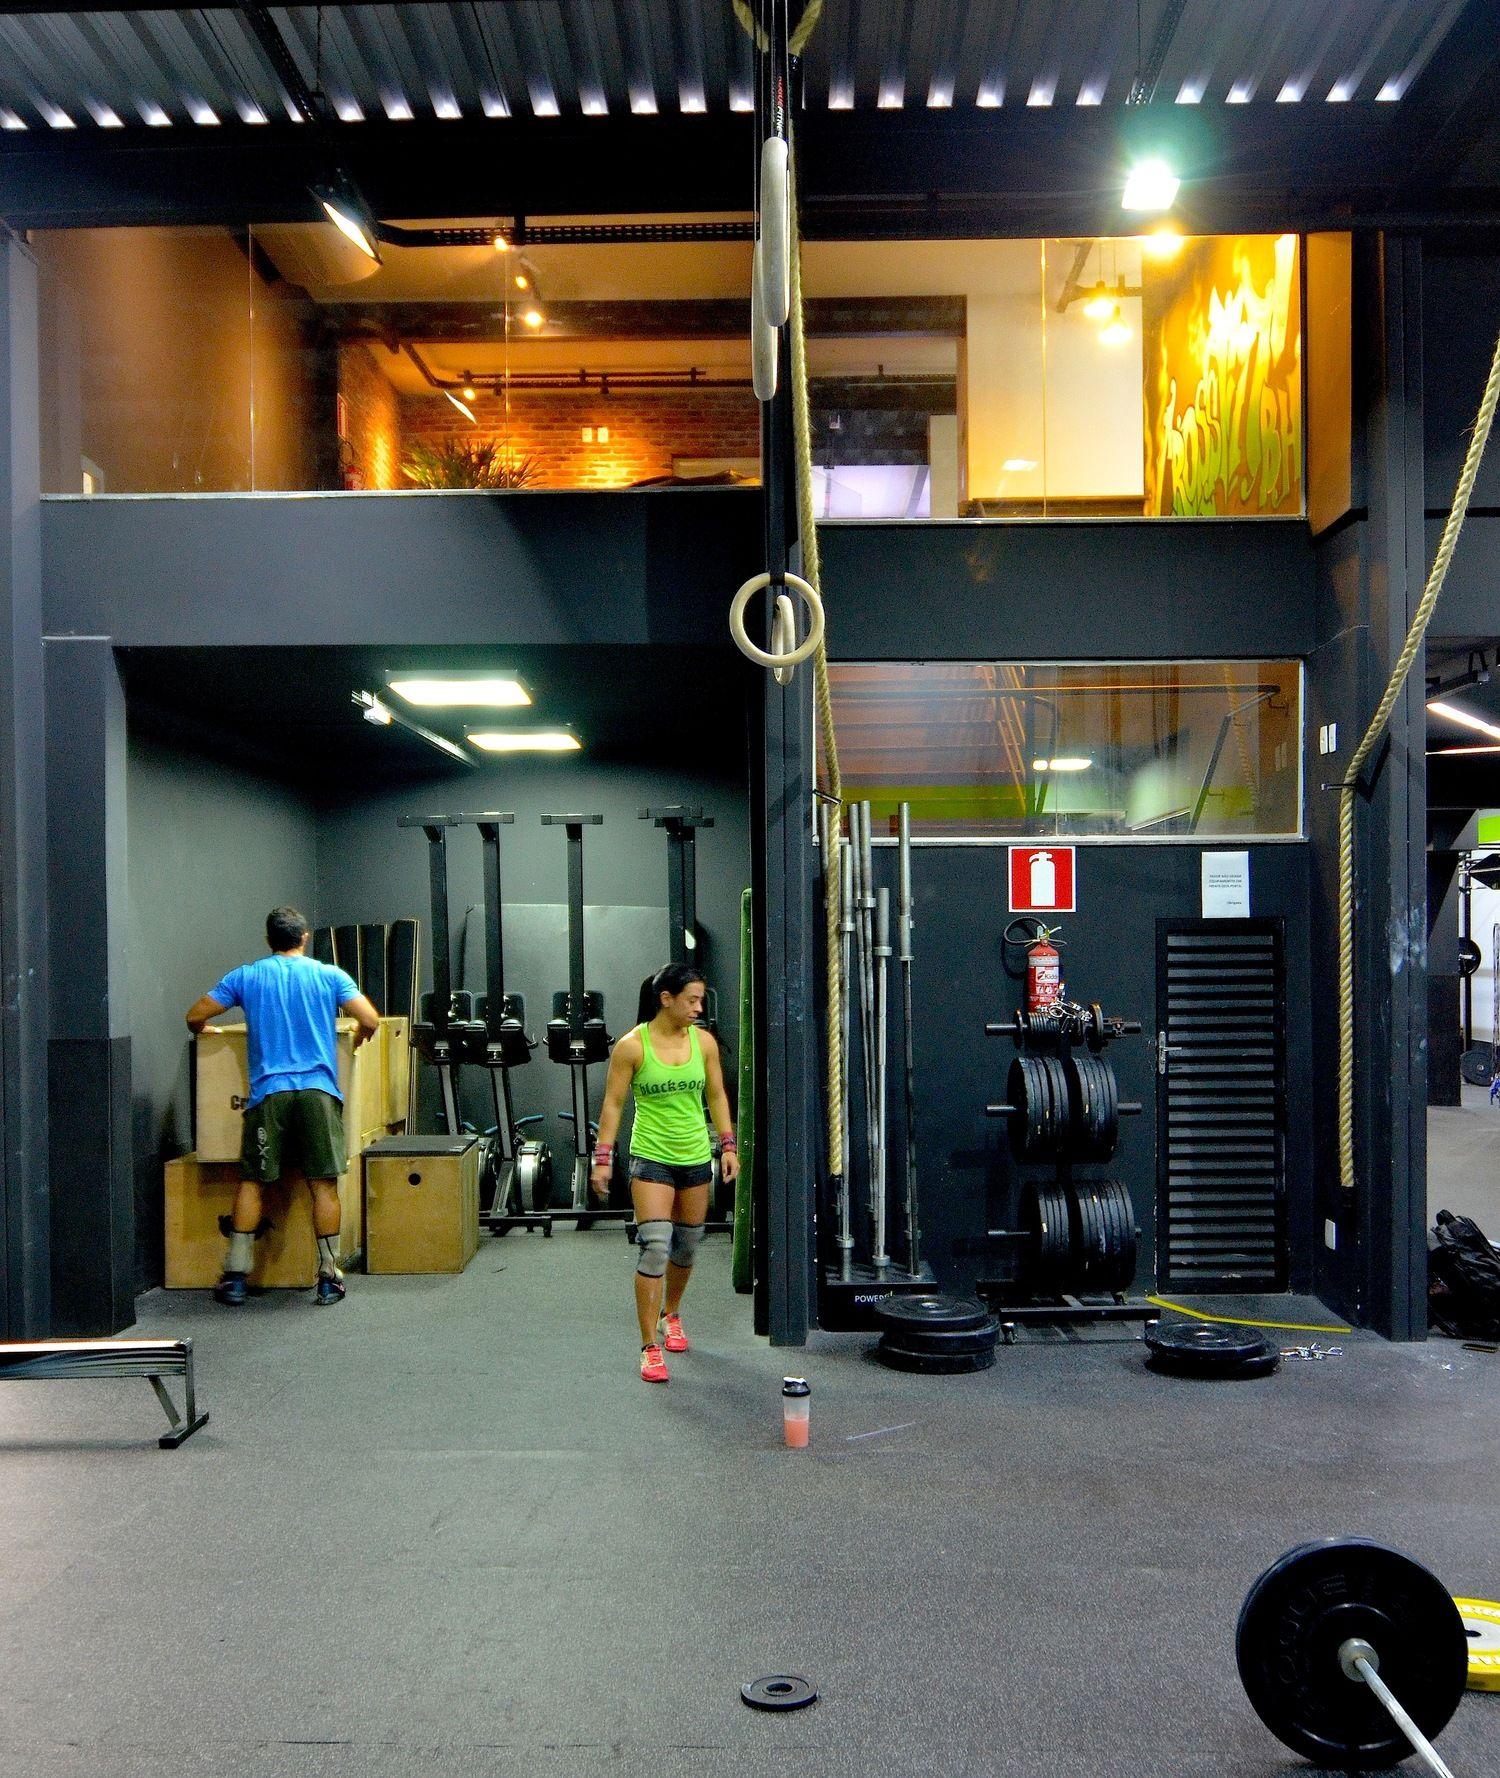 Luxury Storage Container Gym